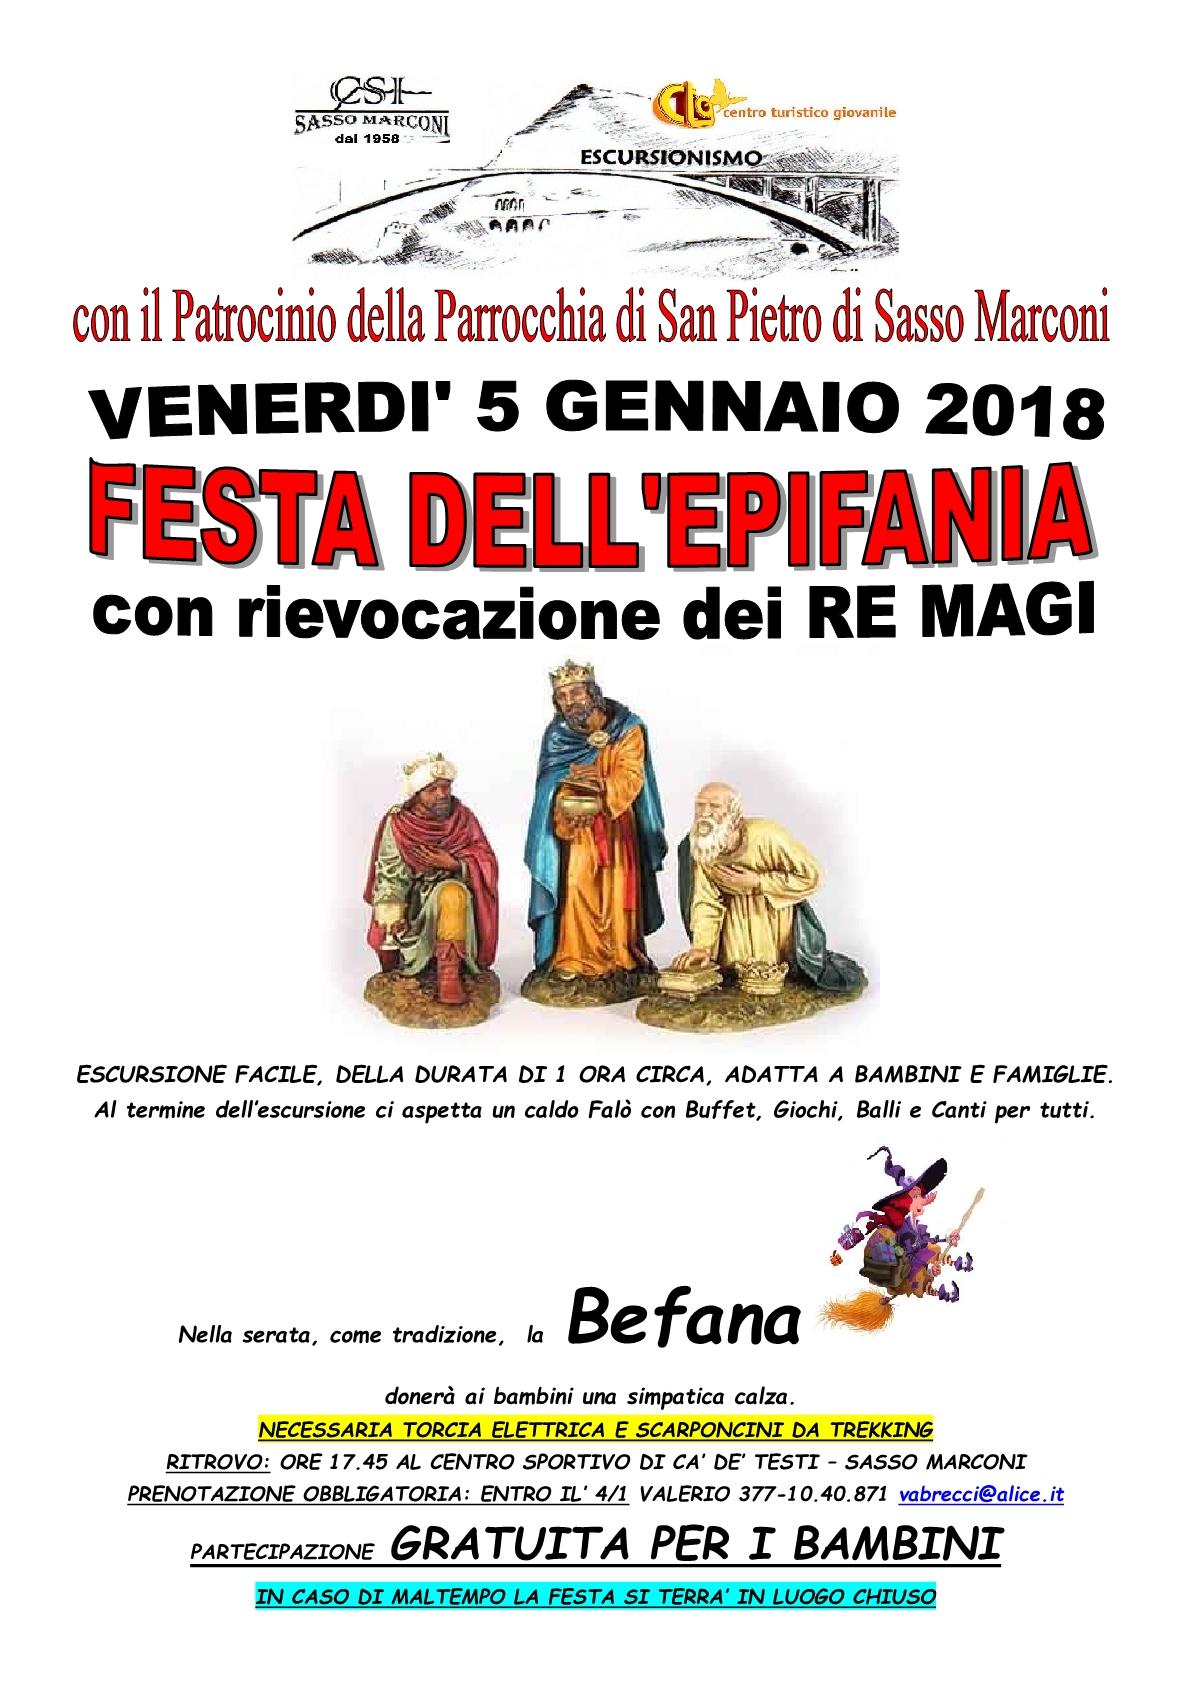 FESTA DELL'EPIFANIA CON RIEVOCAZIONE DEI RE MAGGI